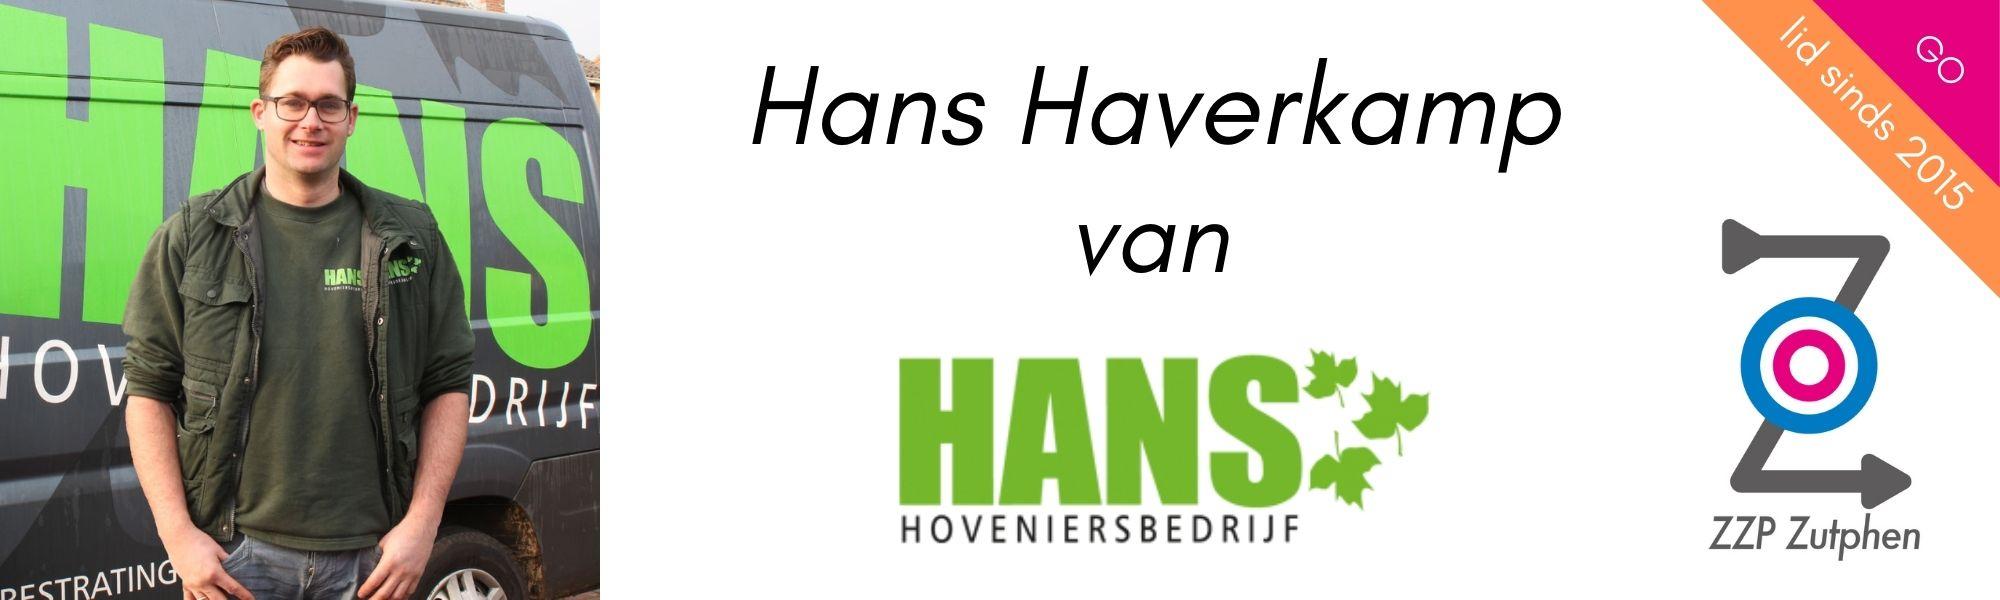 hoveniersbedrijf-hans-wichmond-zzpzupthen